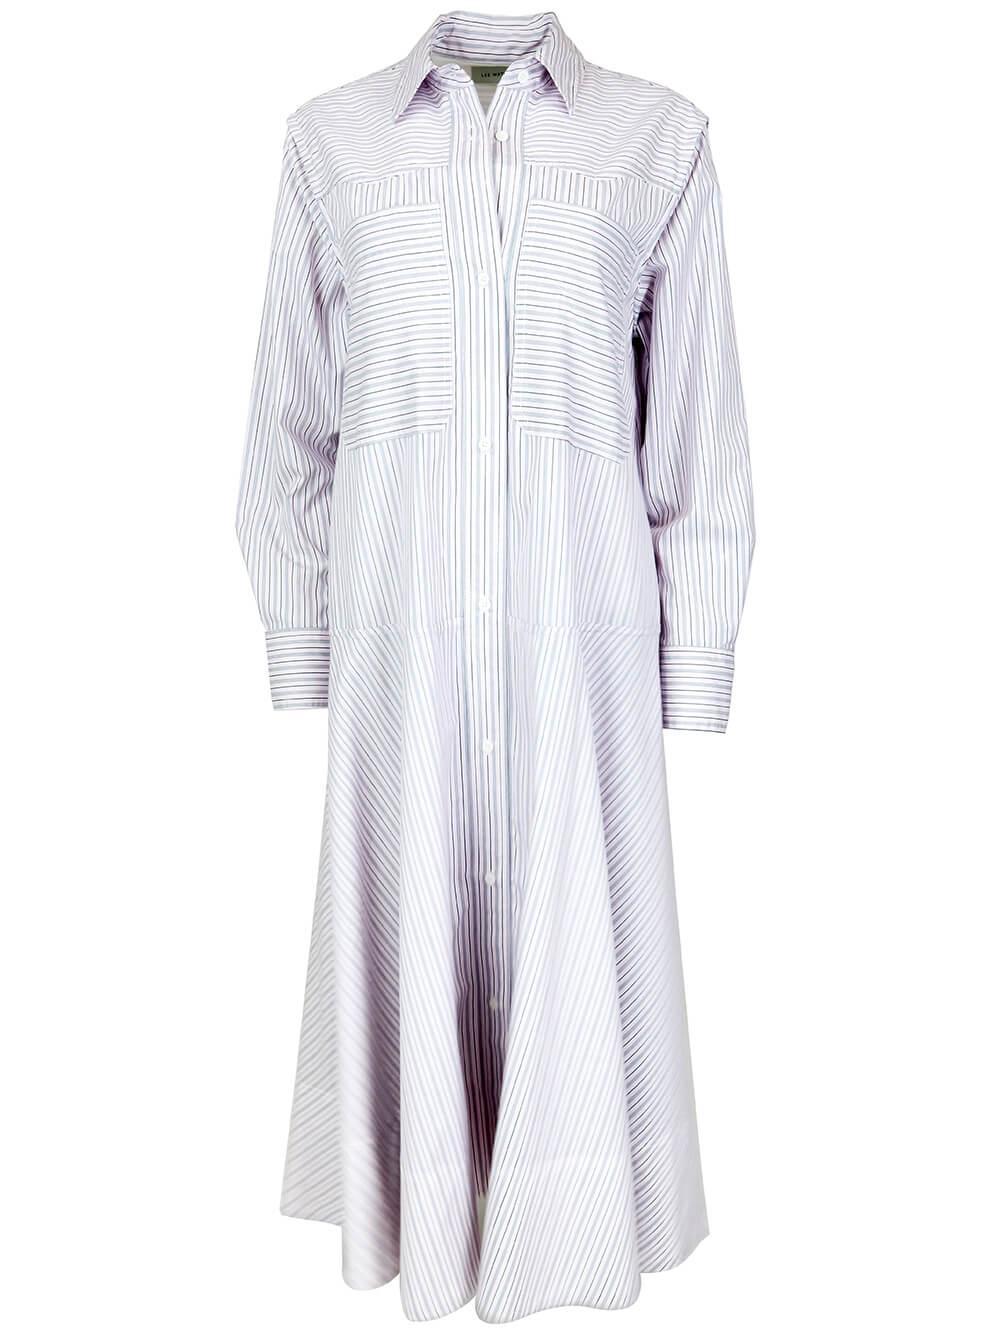 Anika Shirtdress Item # M2101DR079